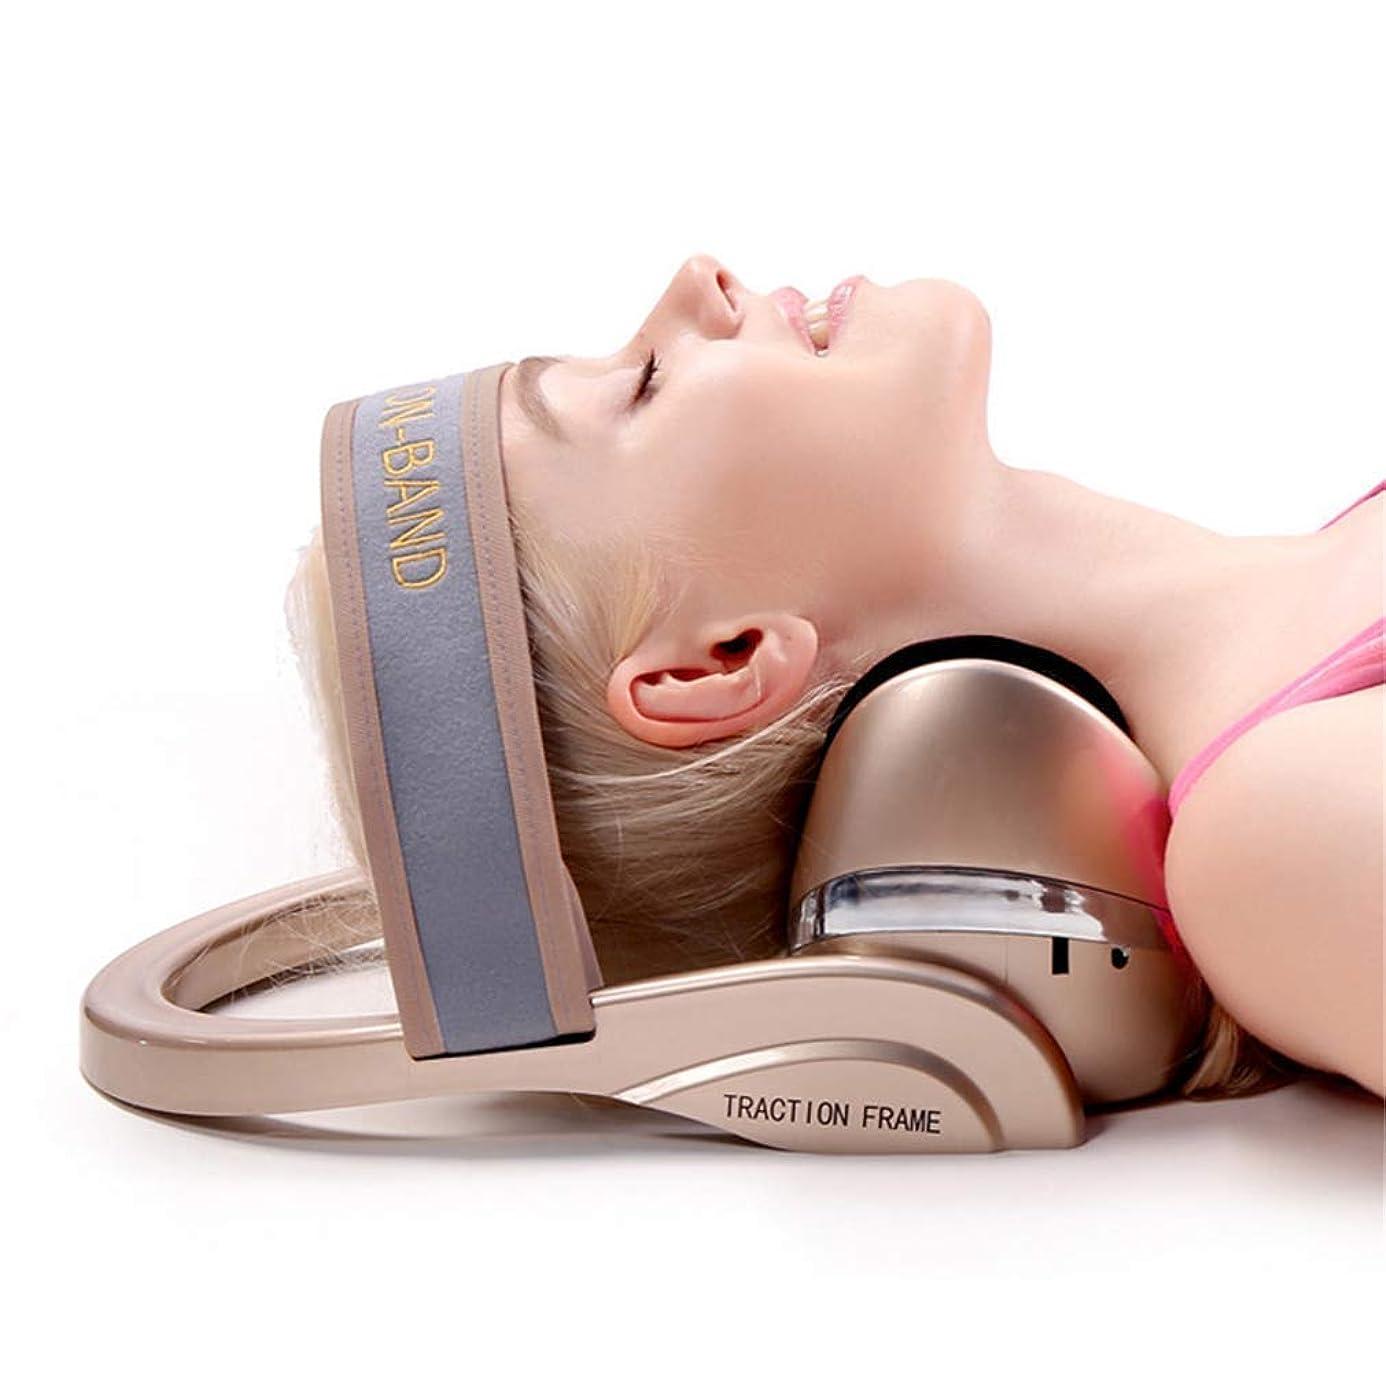 爆発物ジュラシックパーク慈善指の圧力首と肩のマッサージャー、電気頸部マッサージは、体の筋肉の痛みを和らげるリラックス|振動は疲労を和らげます